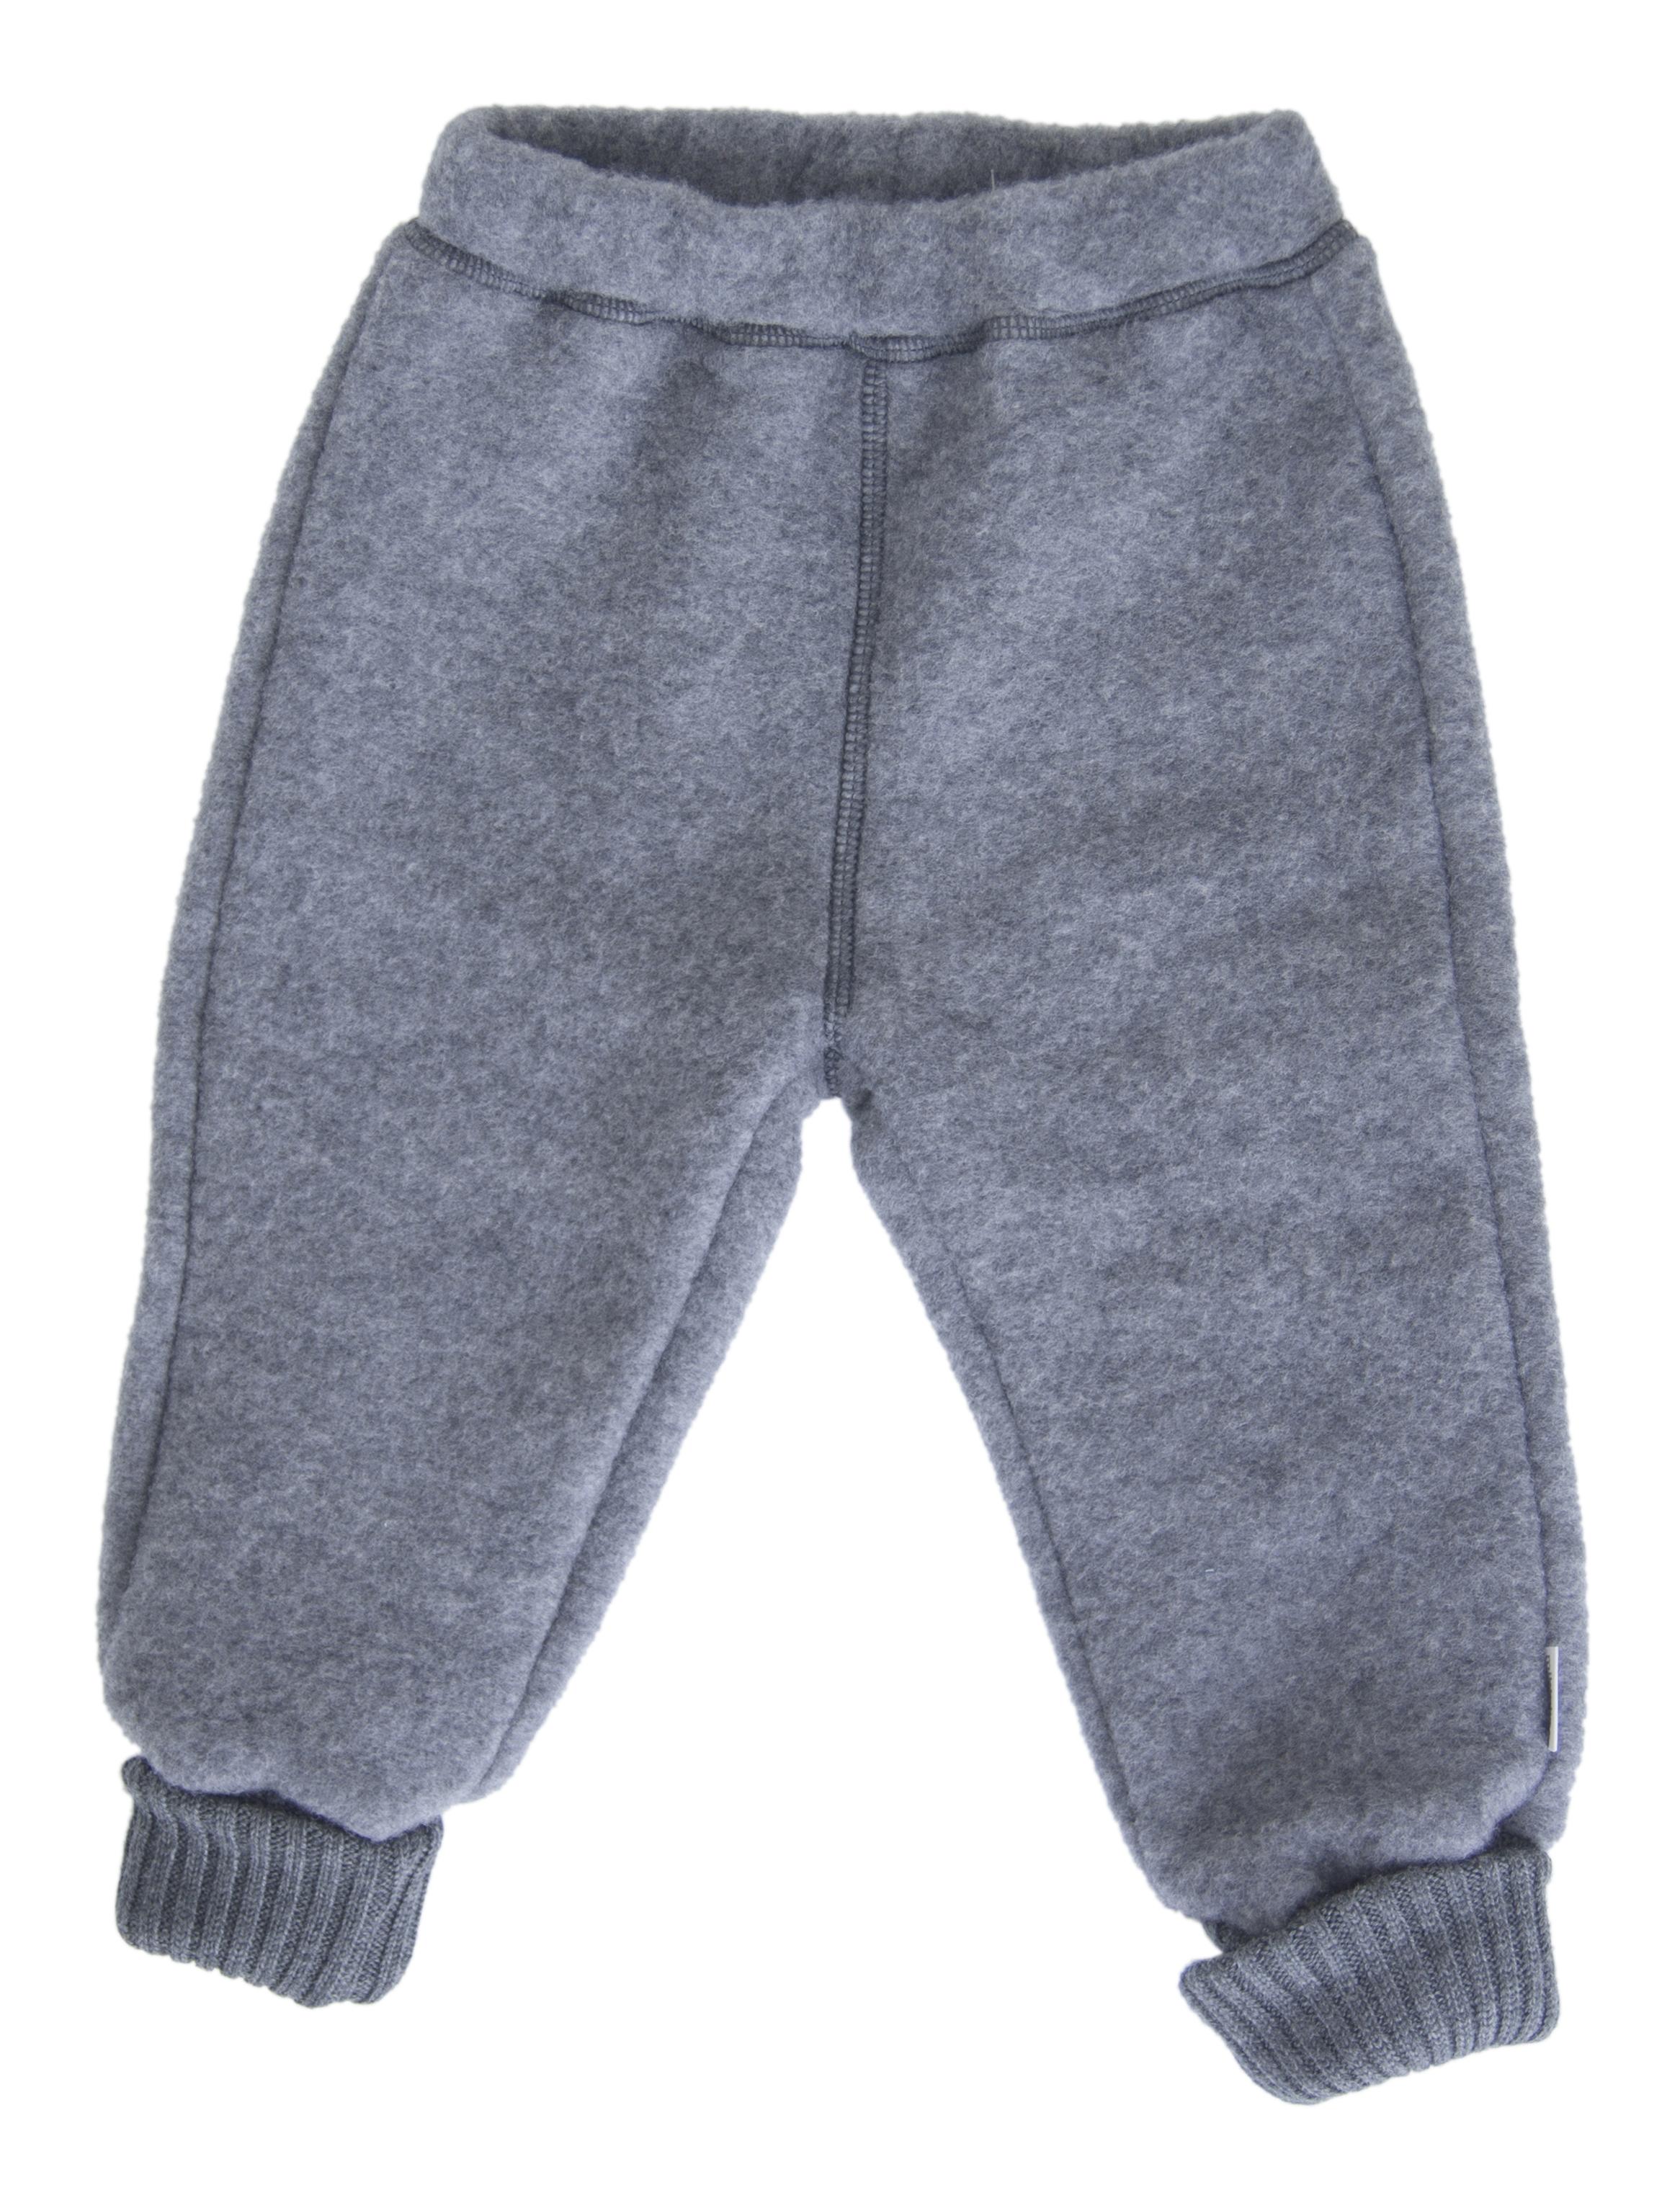 Køb Mikk line Uld Bukser Melange Grey 56